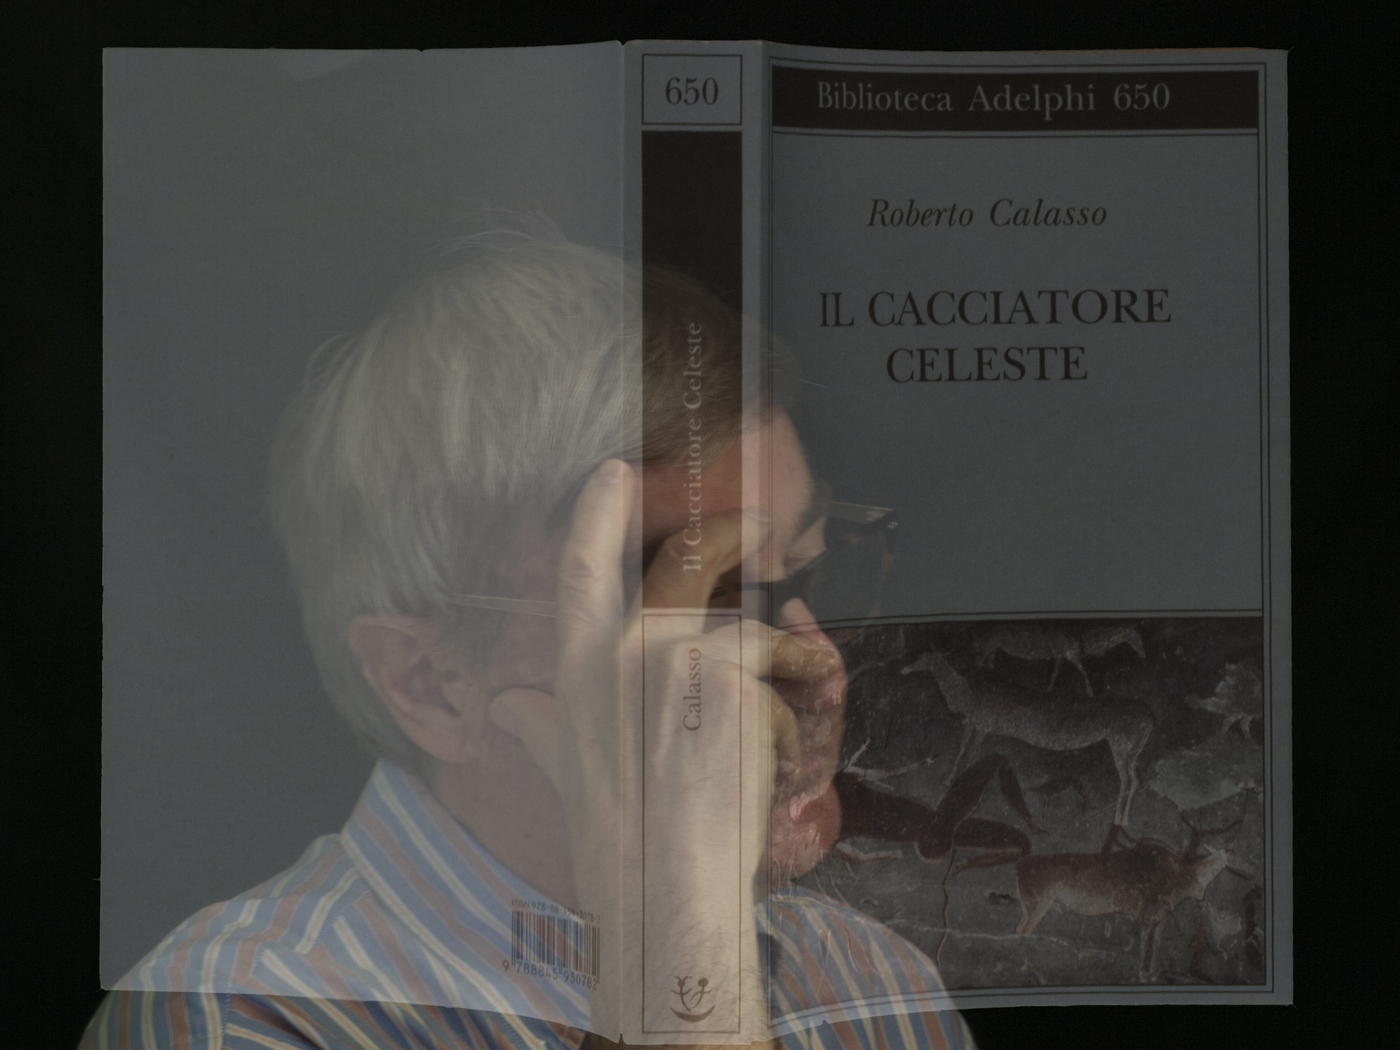 ELSIO BALESTRINO